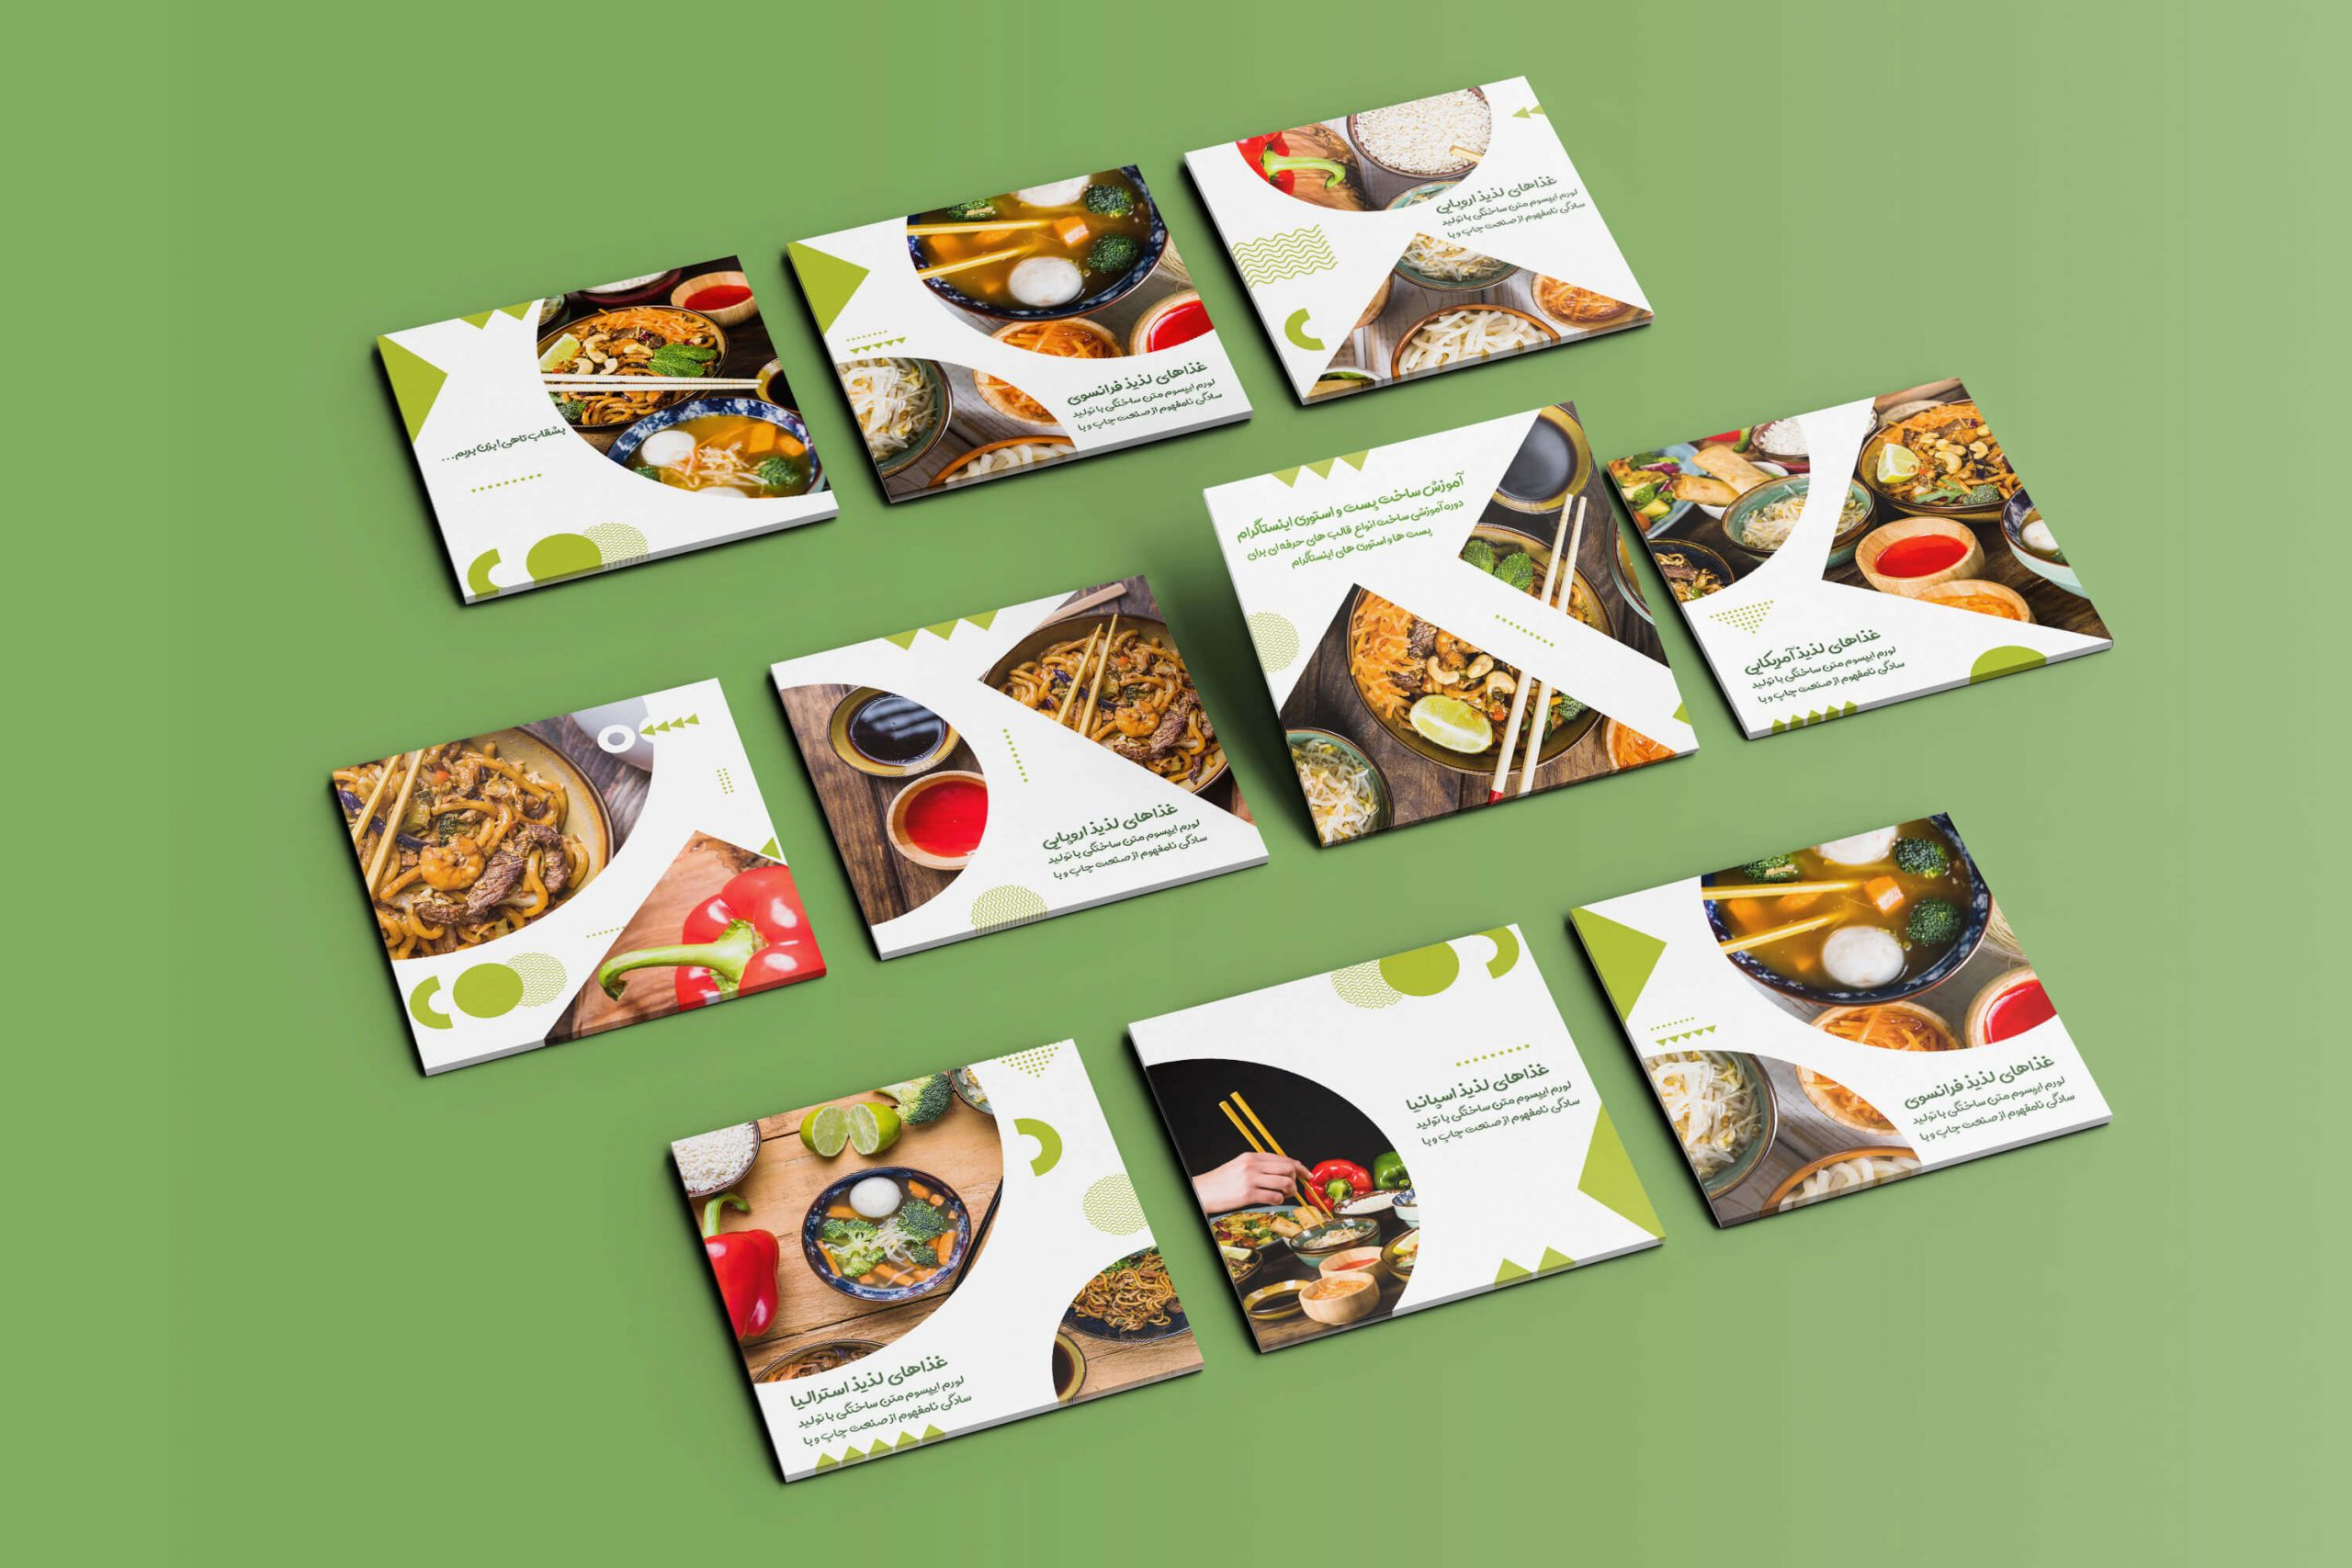 قالب ها و پست های طراحی شده در دوره آموزش طراحی پست و استوری اینستاگرام با فتوشاپ